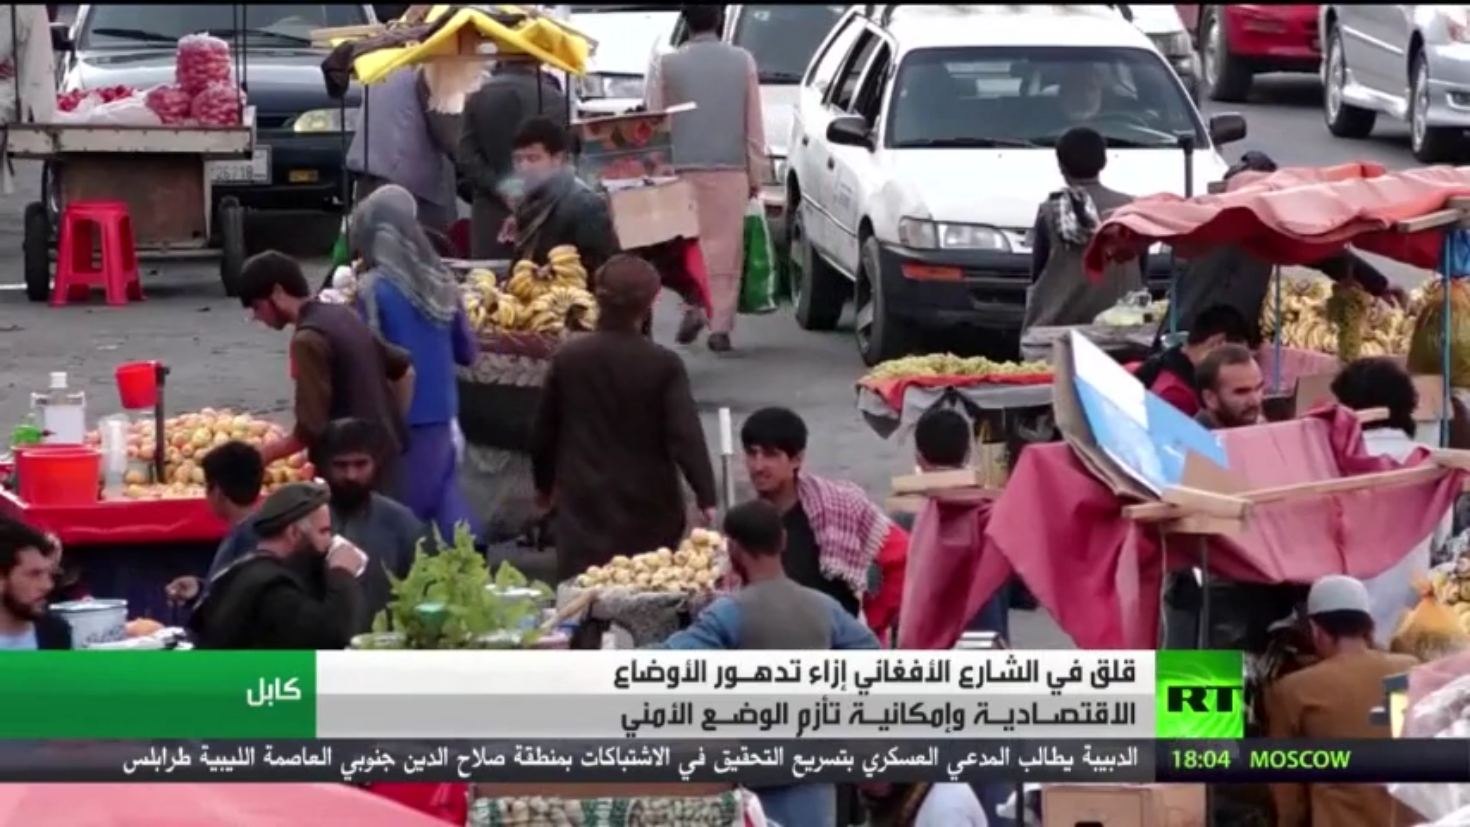 قلق في الشارع الأفغاني إزاء الأمن والاقتصاد